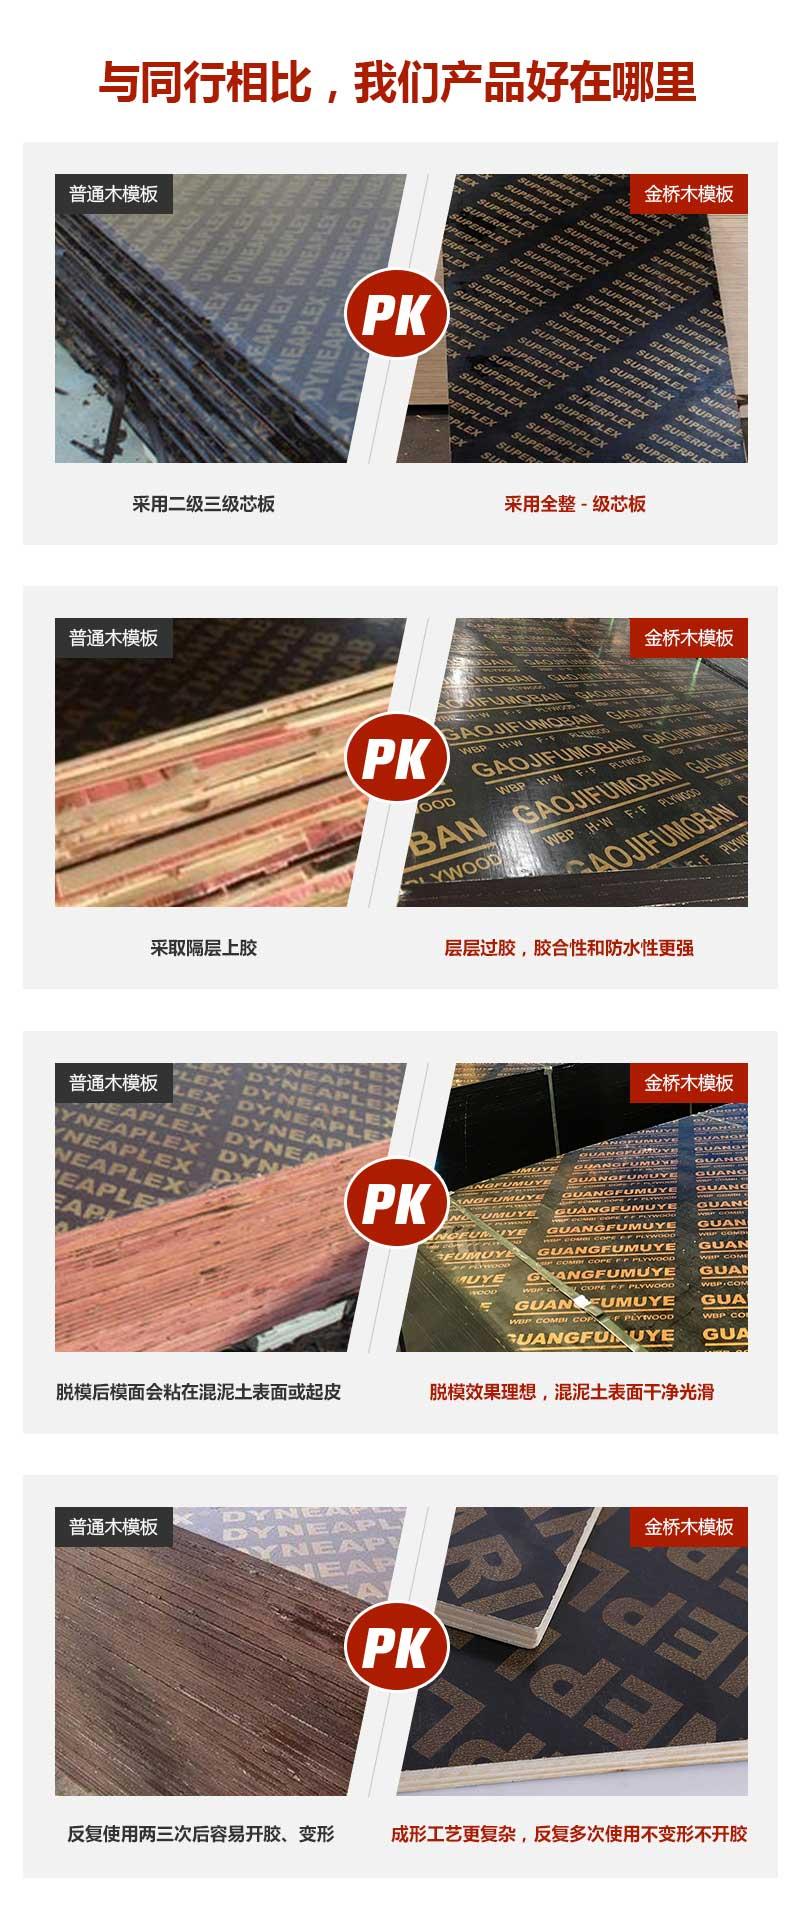 覆膜模板1.83*0.915*1.5金桥板业产品质量